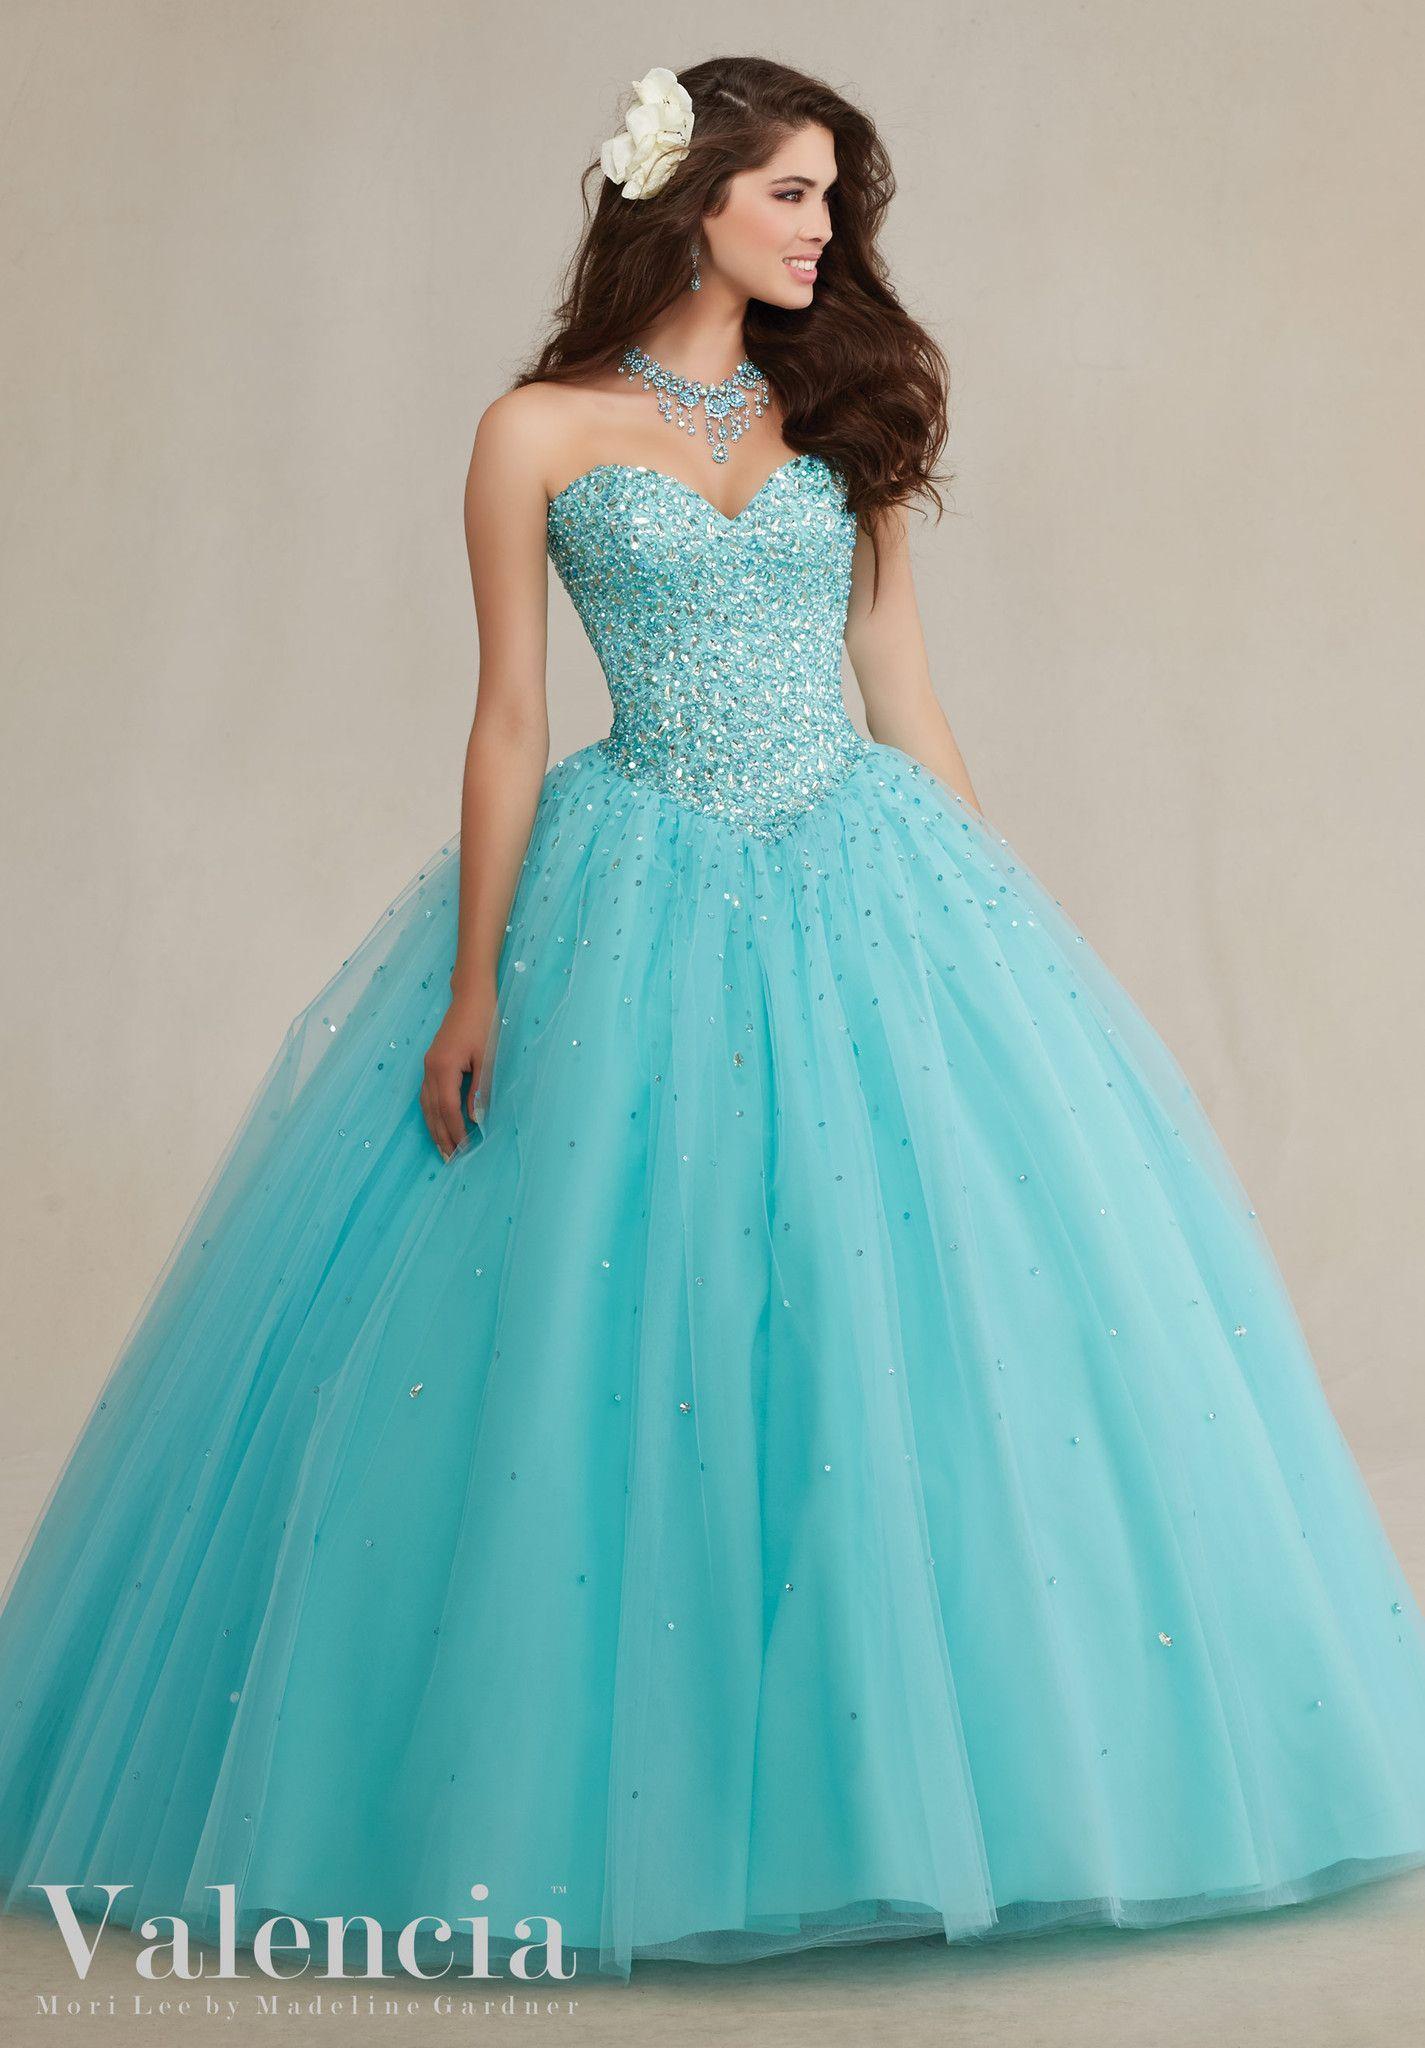 Mori Lee Valencia Quinceanera Dress 89087 | Ideen für die Hochzeit ...